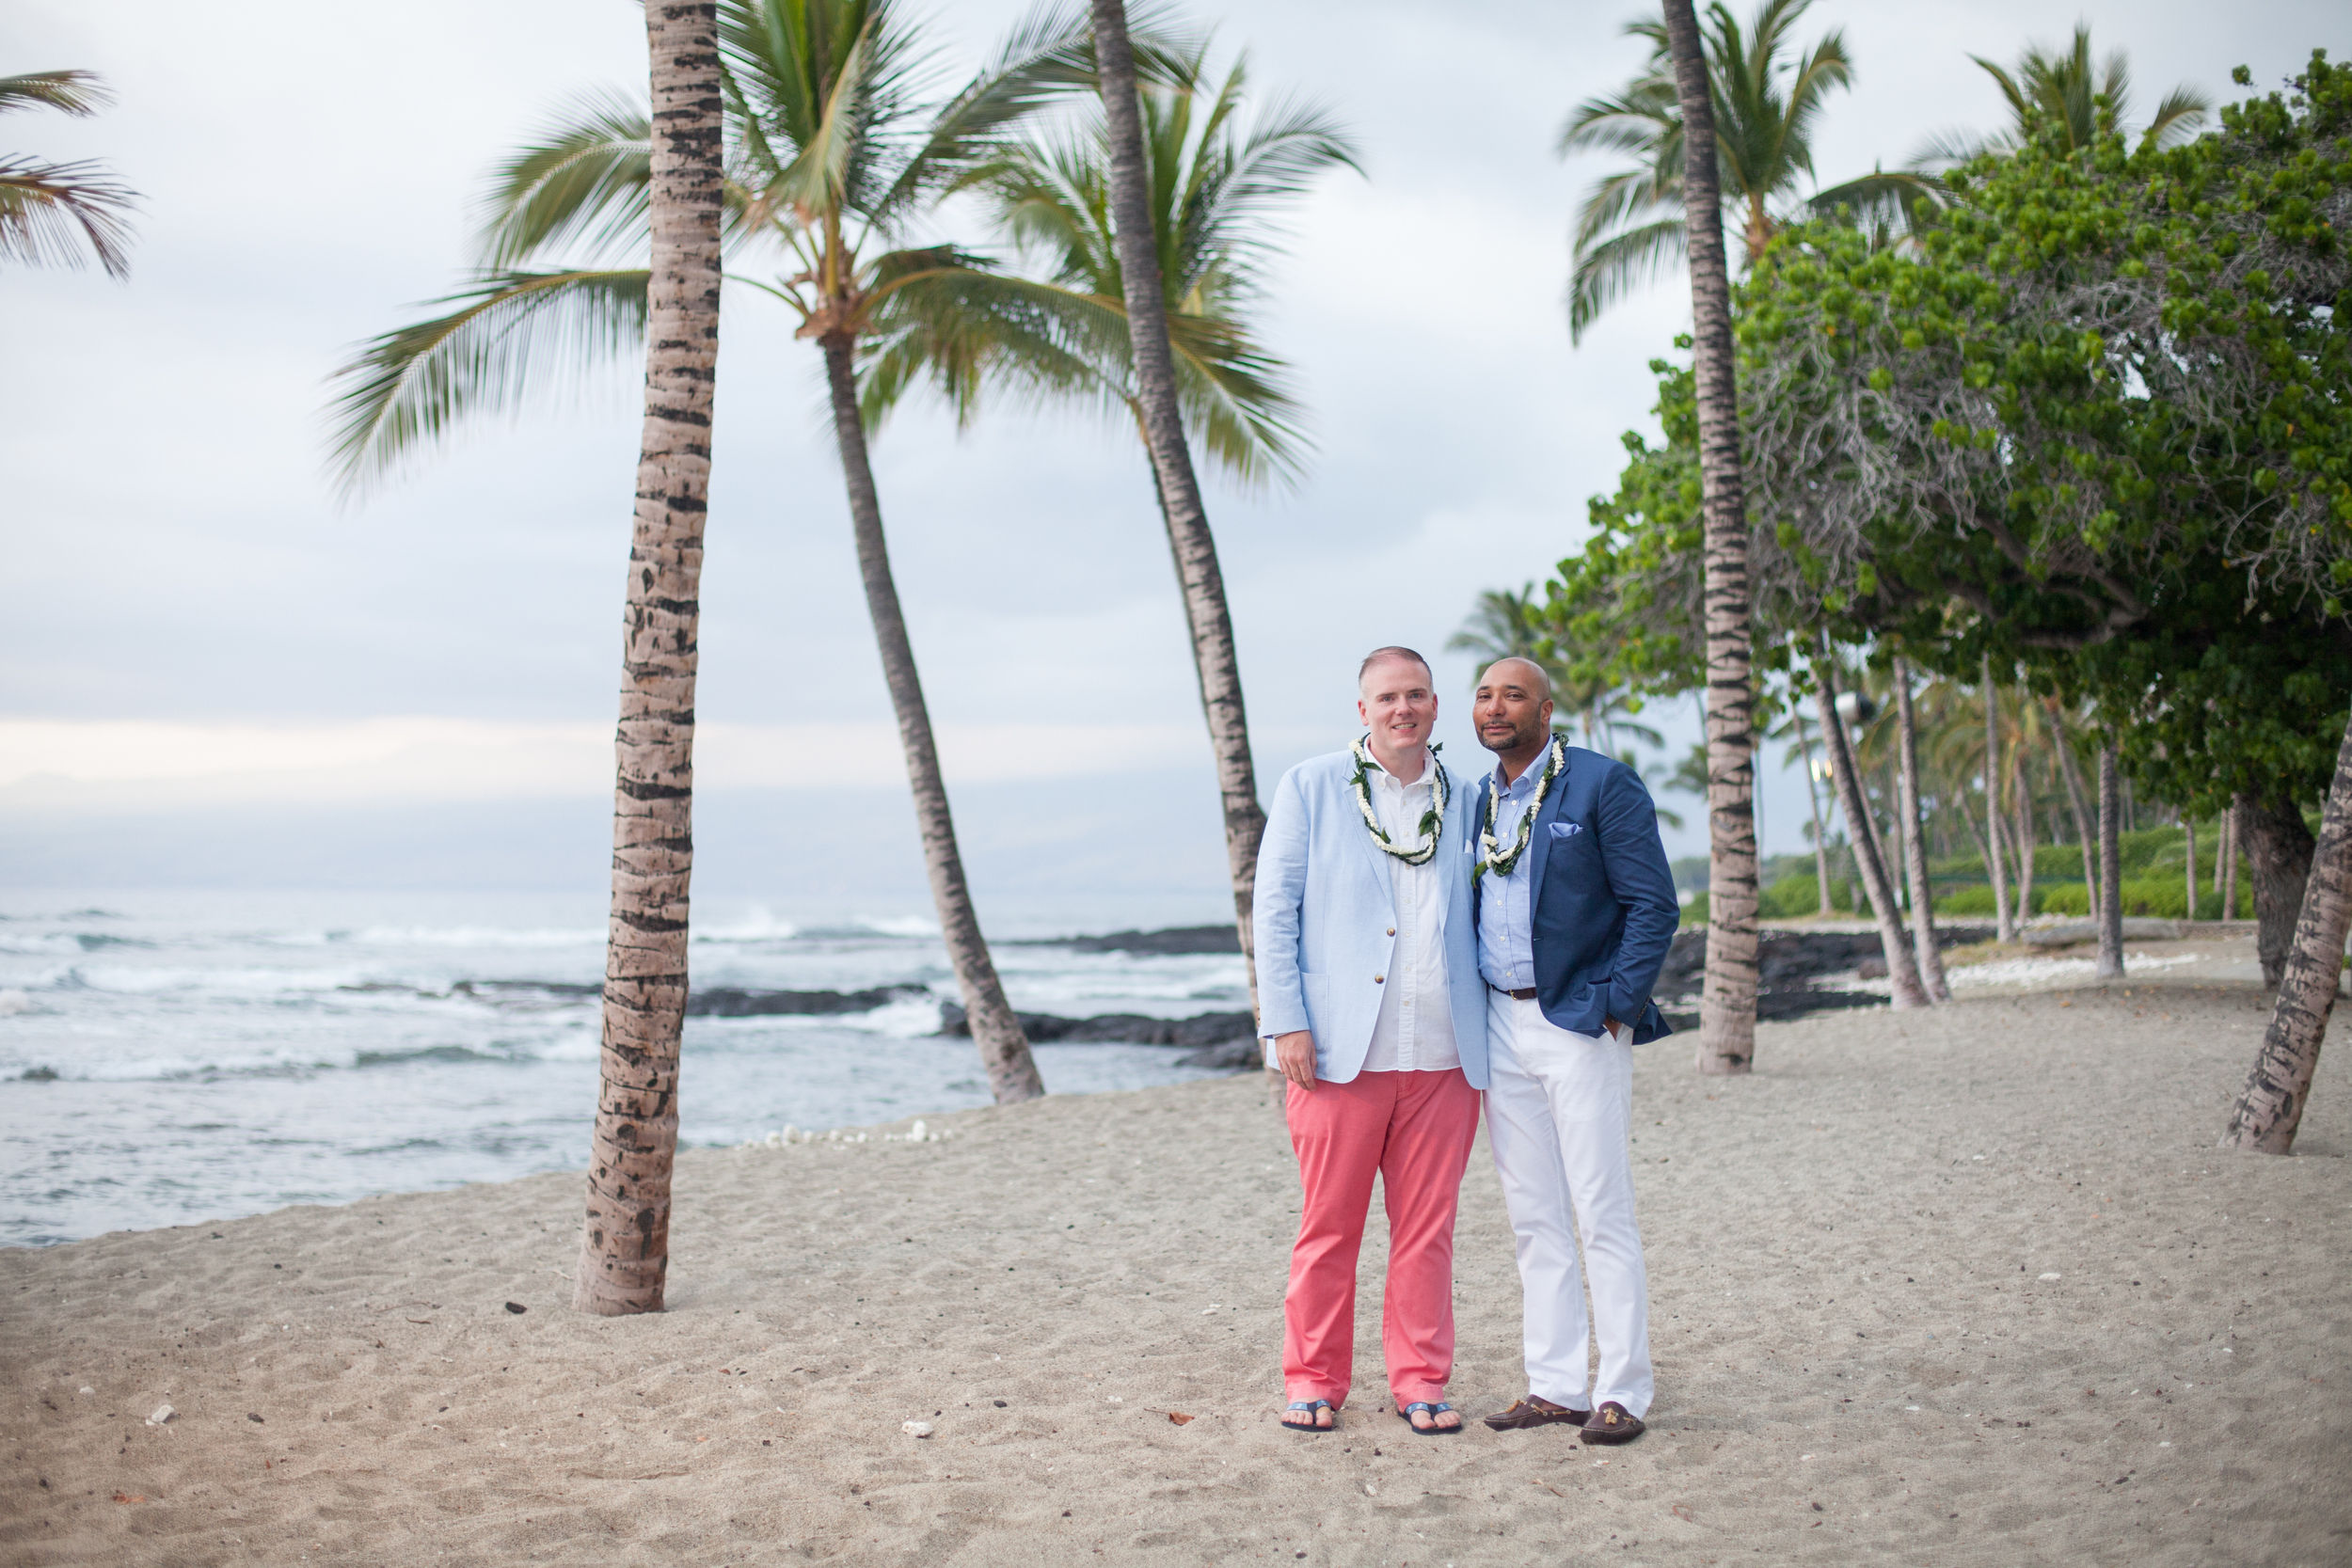 big island hawaii rmauna lani beach wedding © kelilina photography 20160601184522-3.jpg